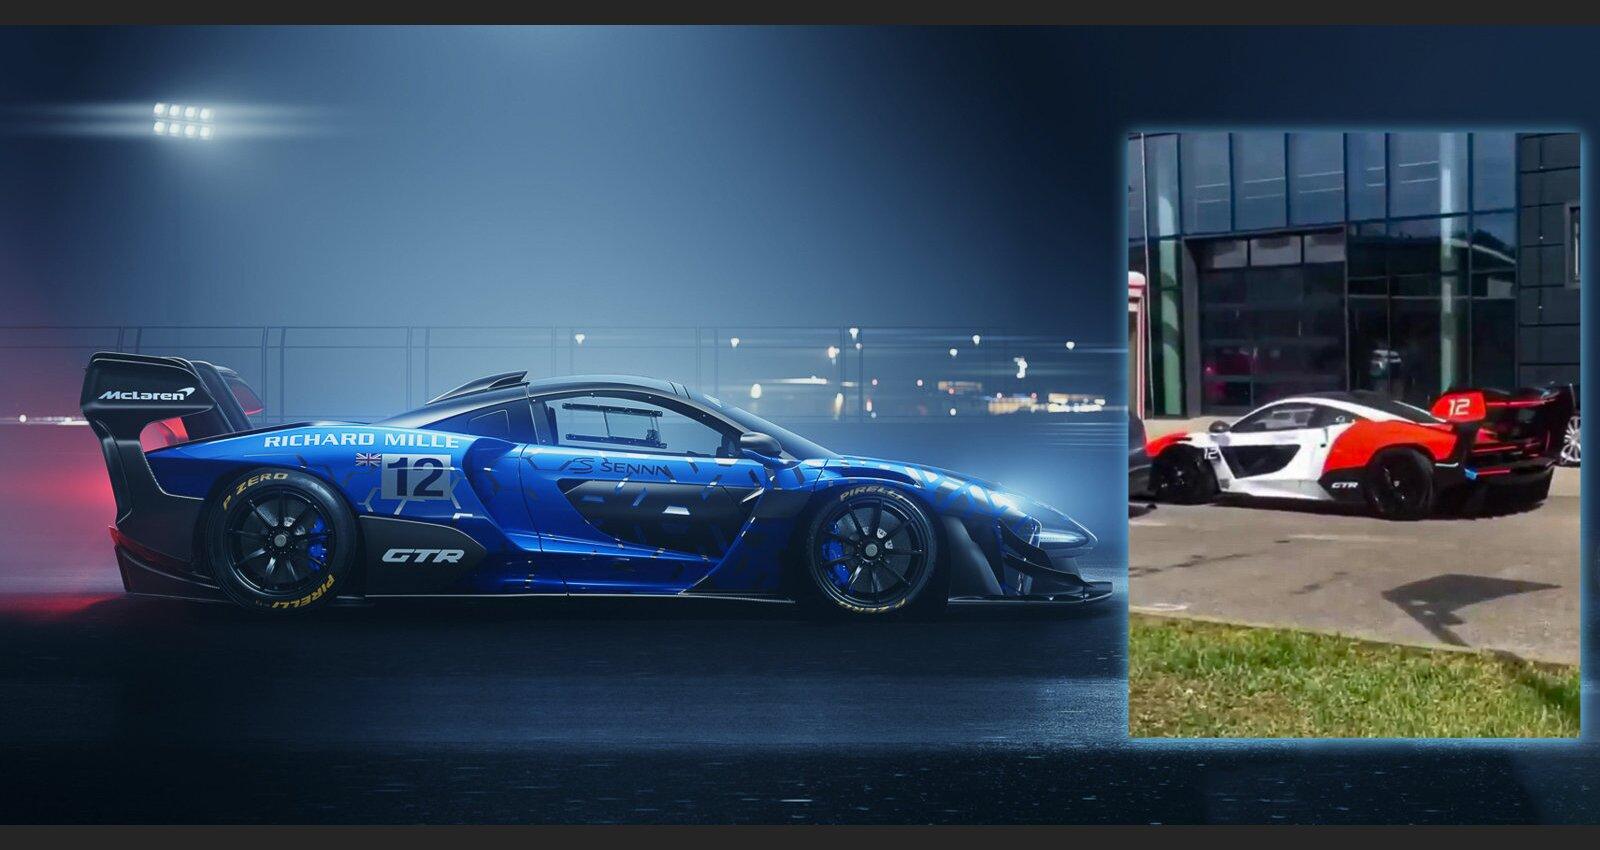 Pasaulē tikai 75 un viens no tiem Latvijā – 1,8 miljonu eiro 'McLaren Senna GTR'